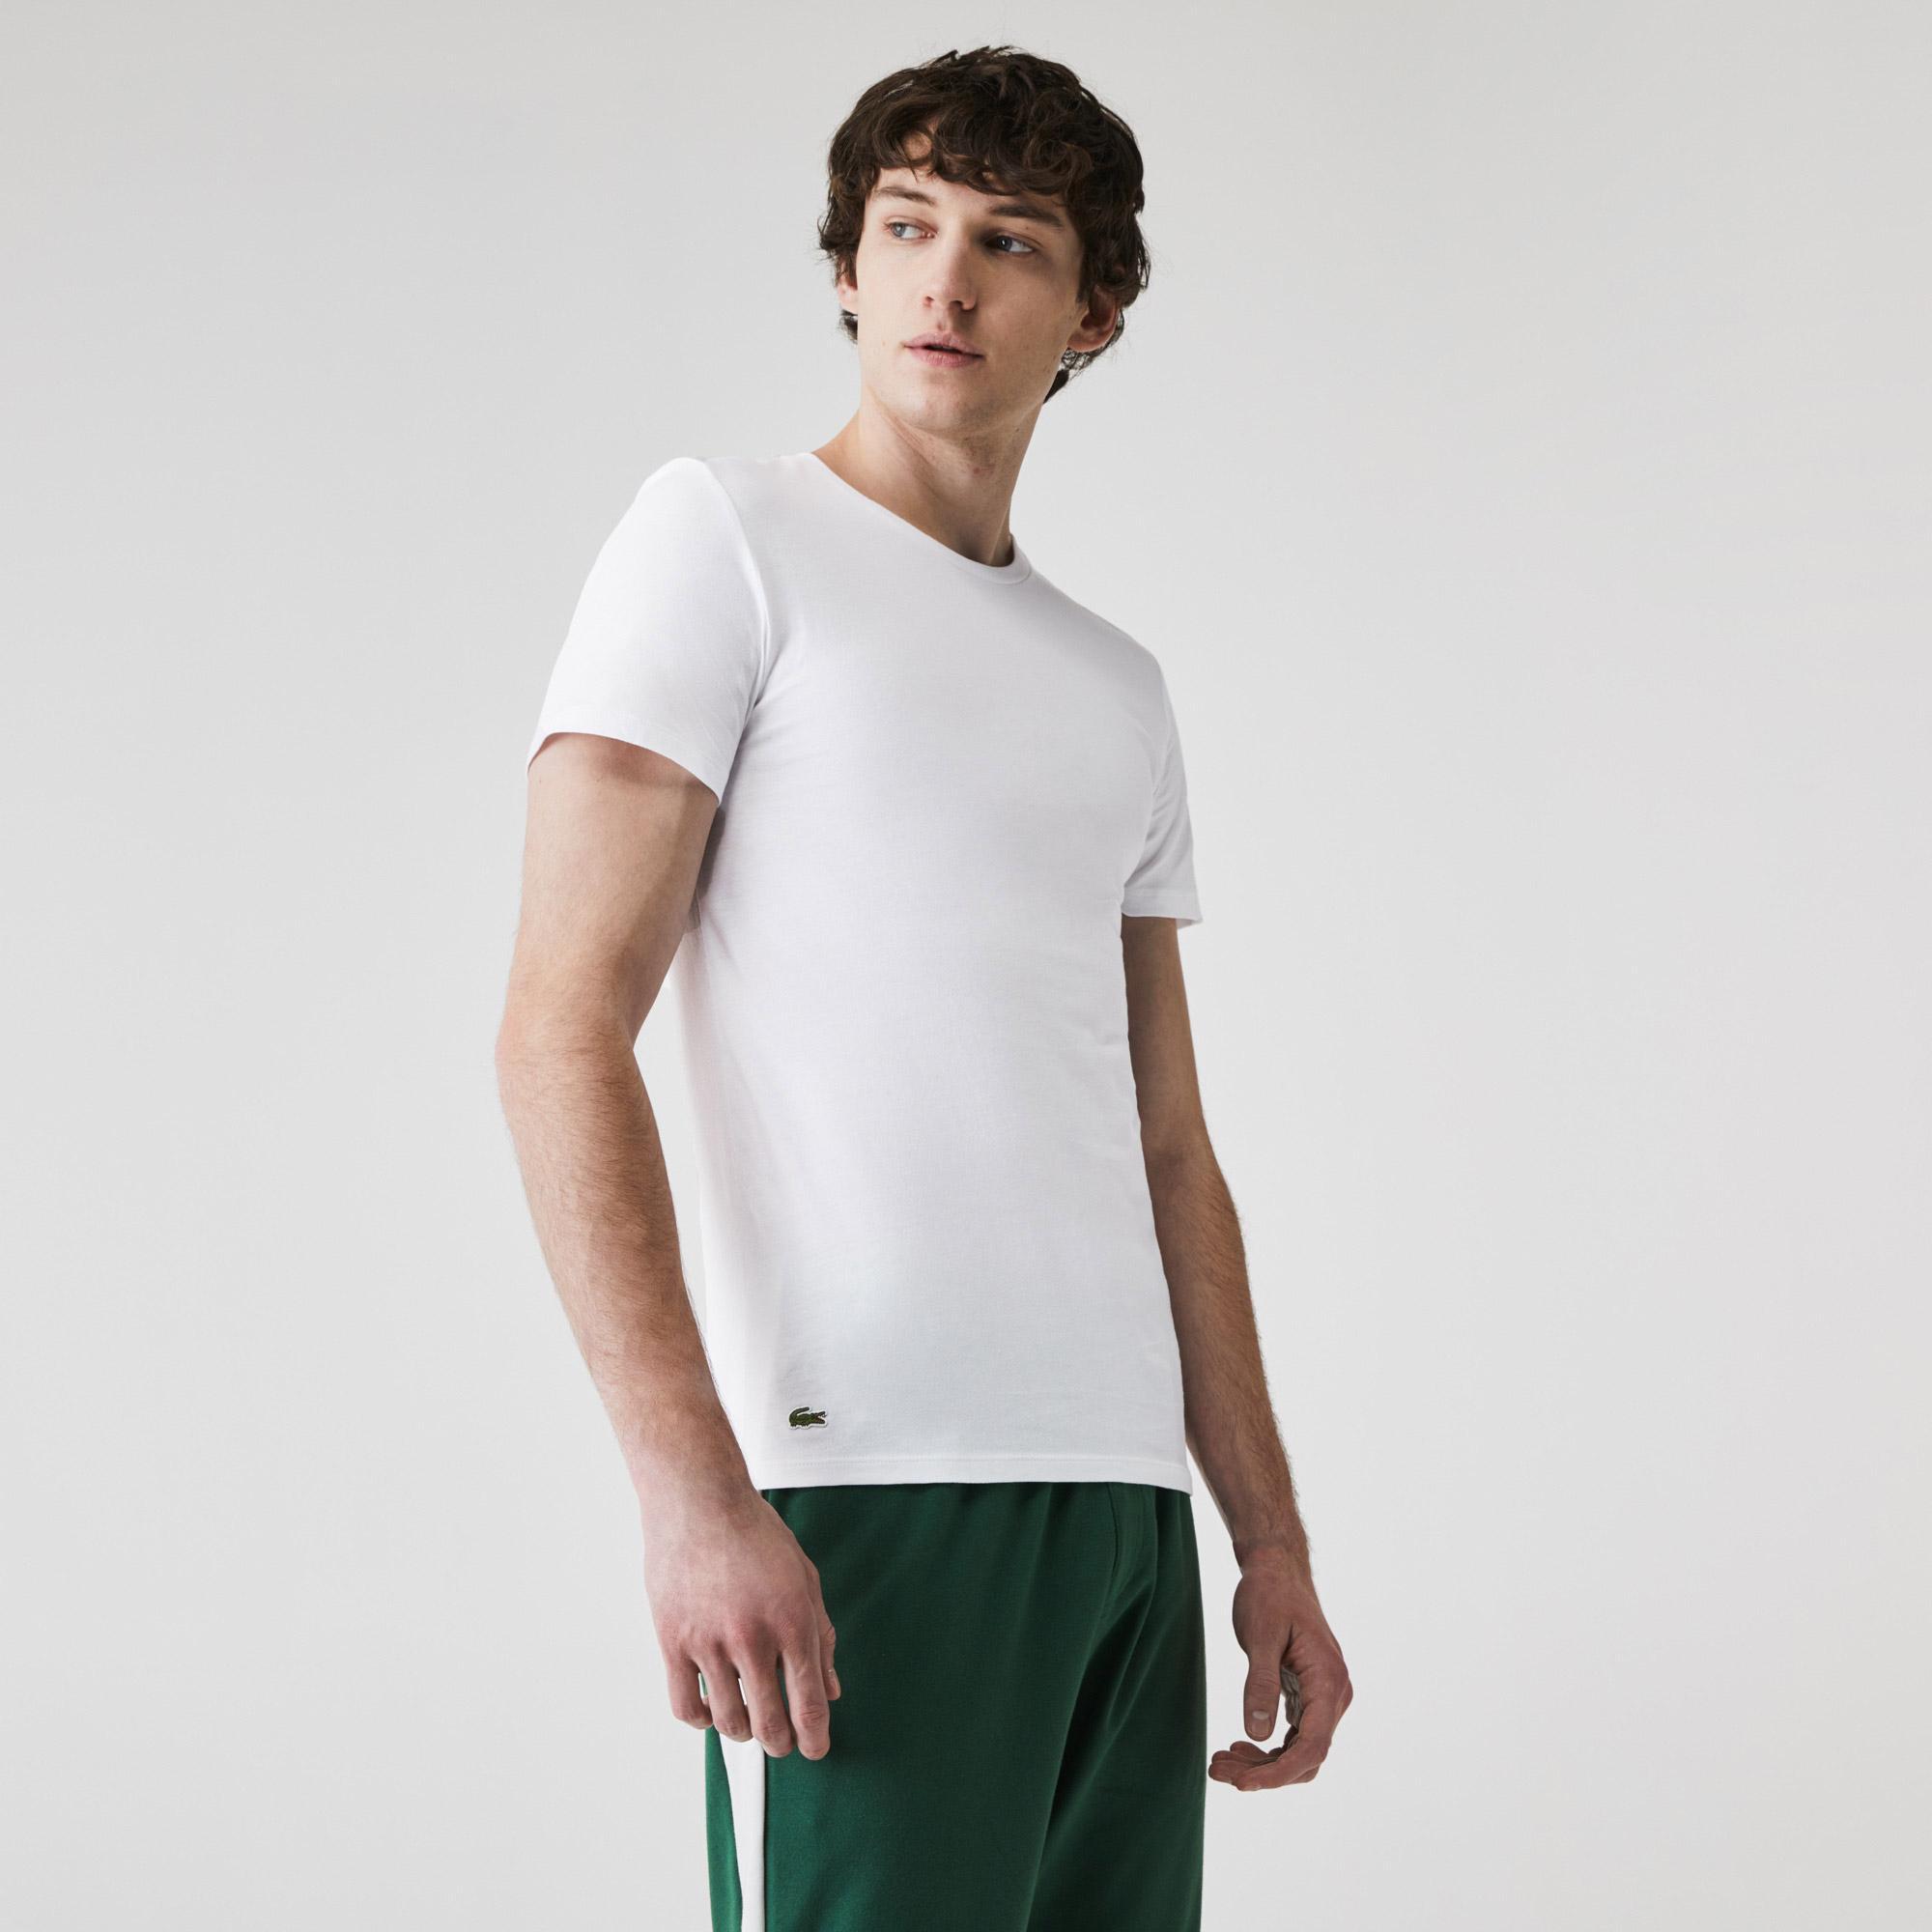 Lacoste Męski T-shirt bawełniany z okrągłym dekoltem, trójpak